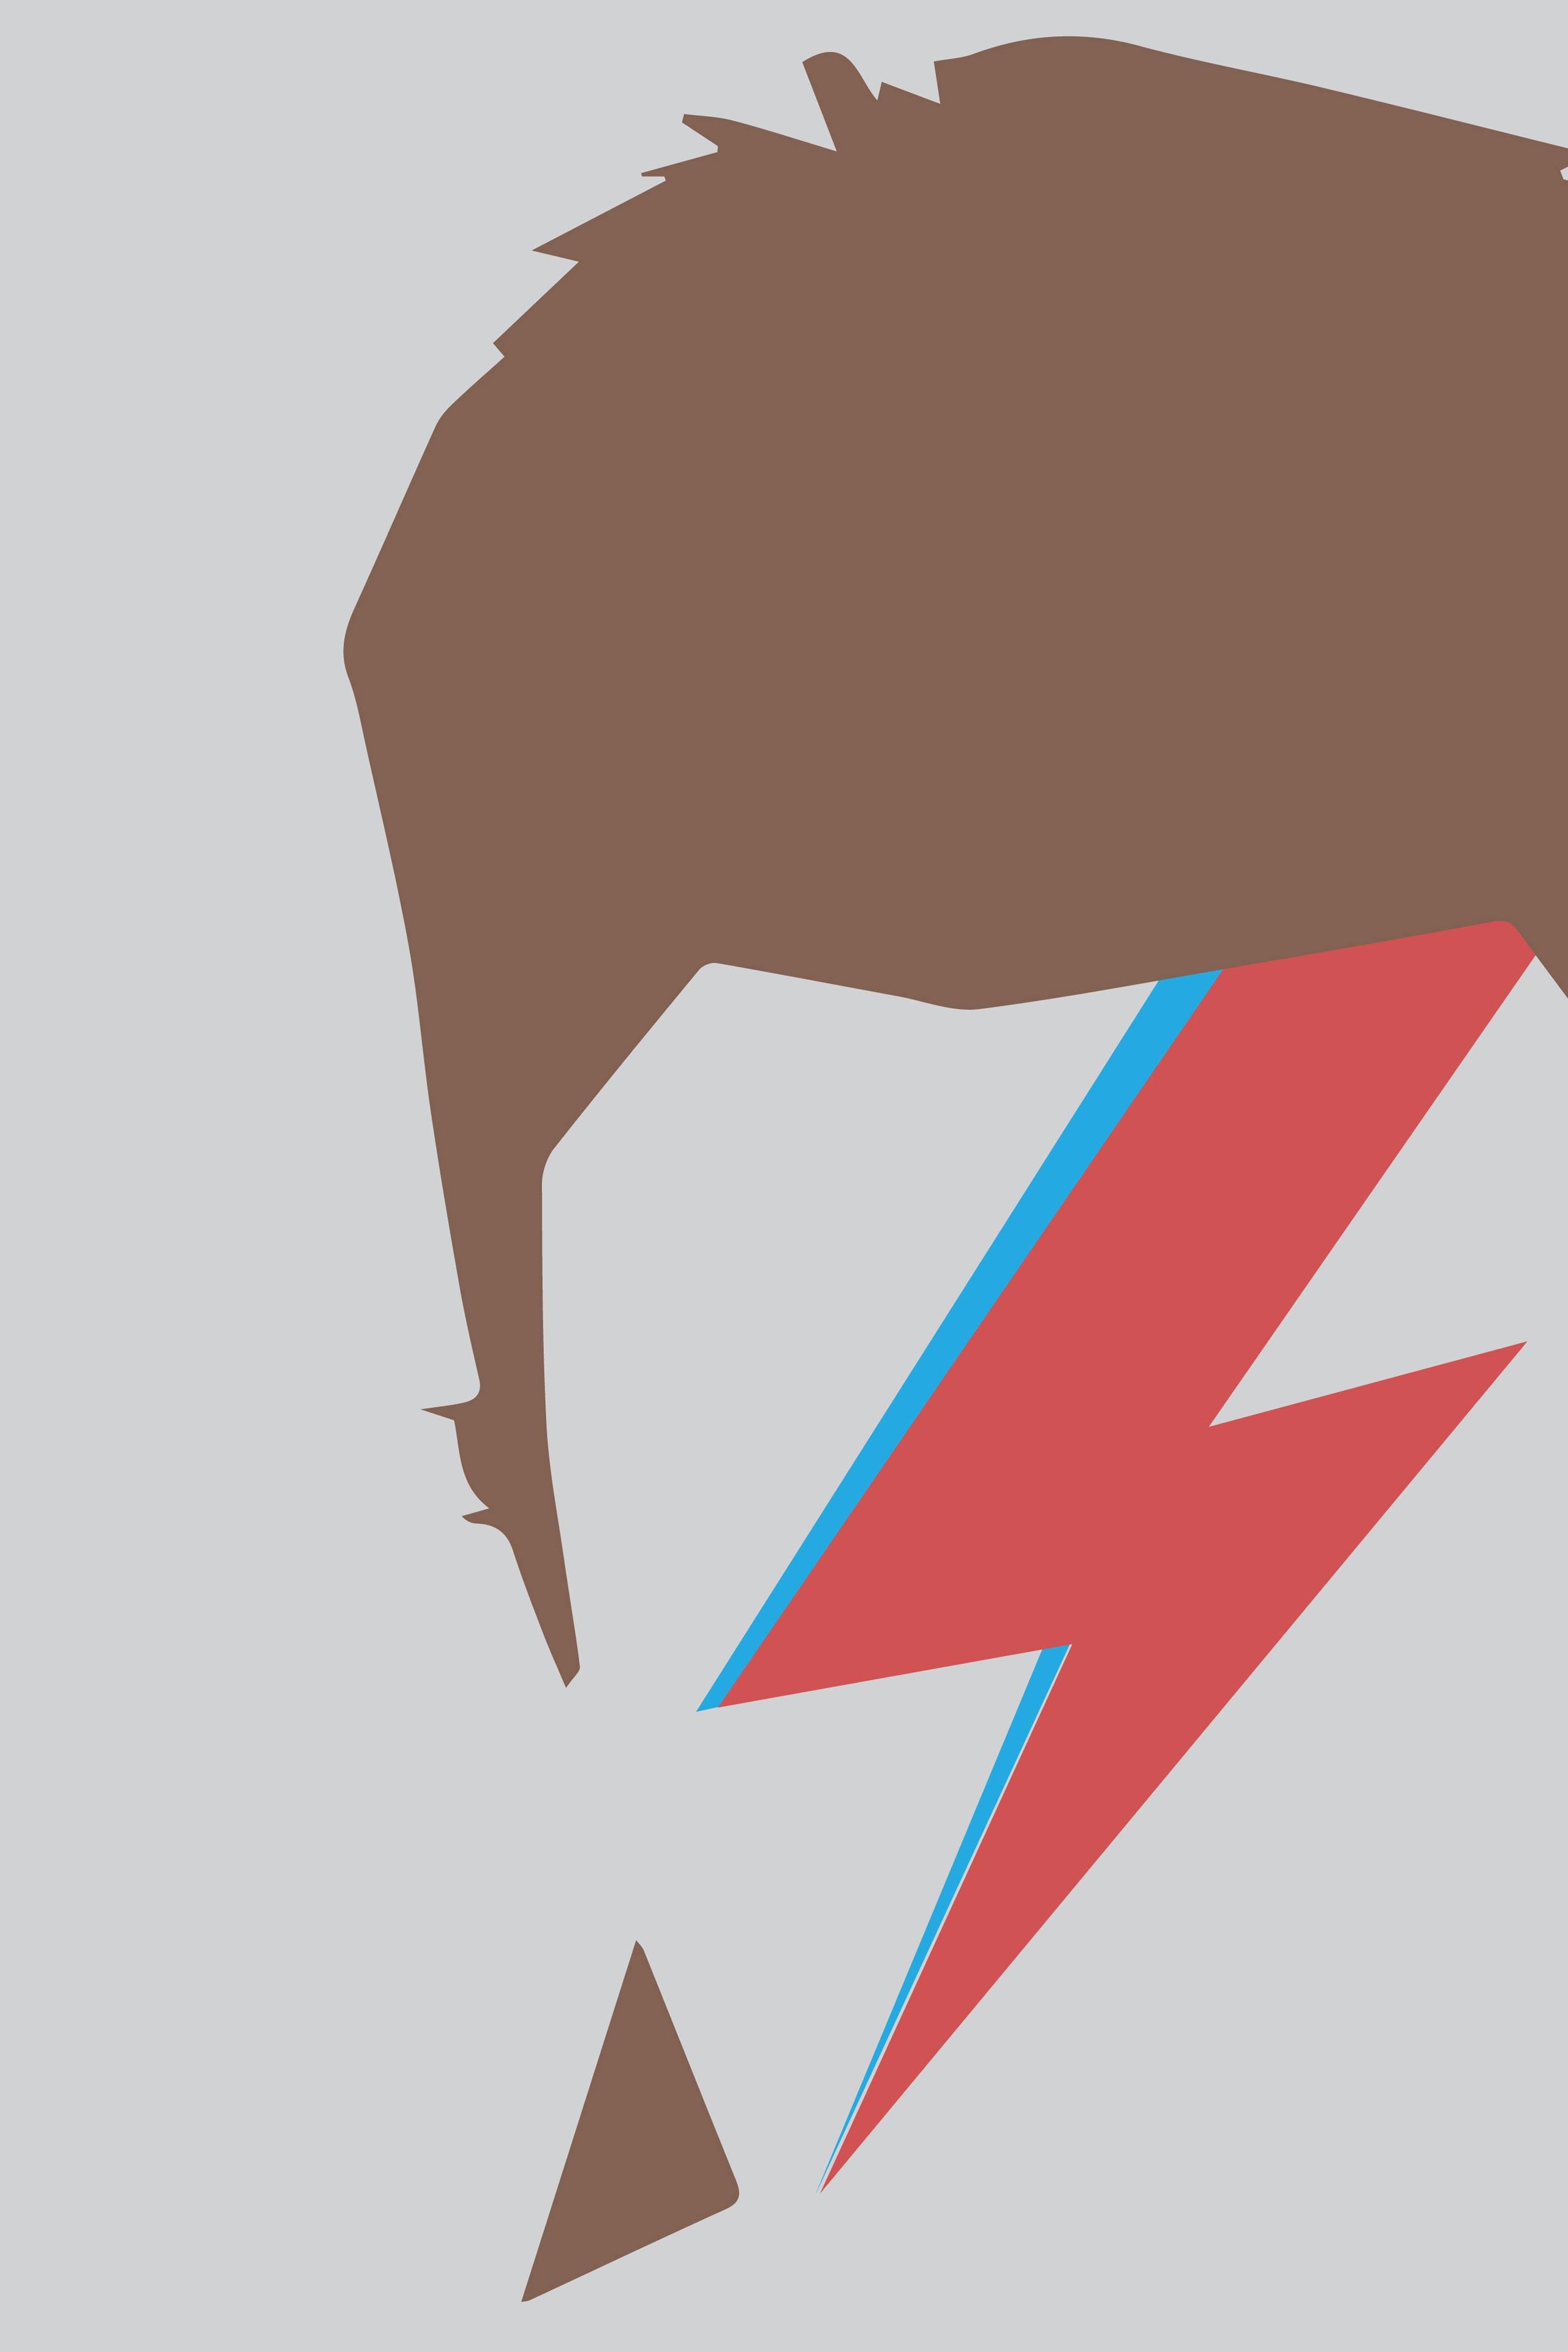 David Bowie Mobile Wallpaper Miniwallist